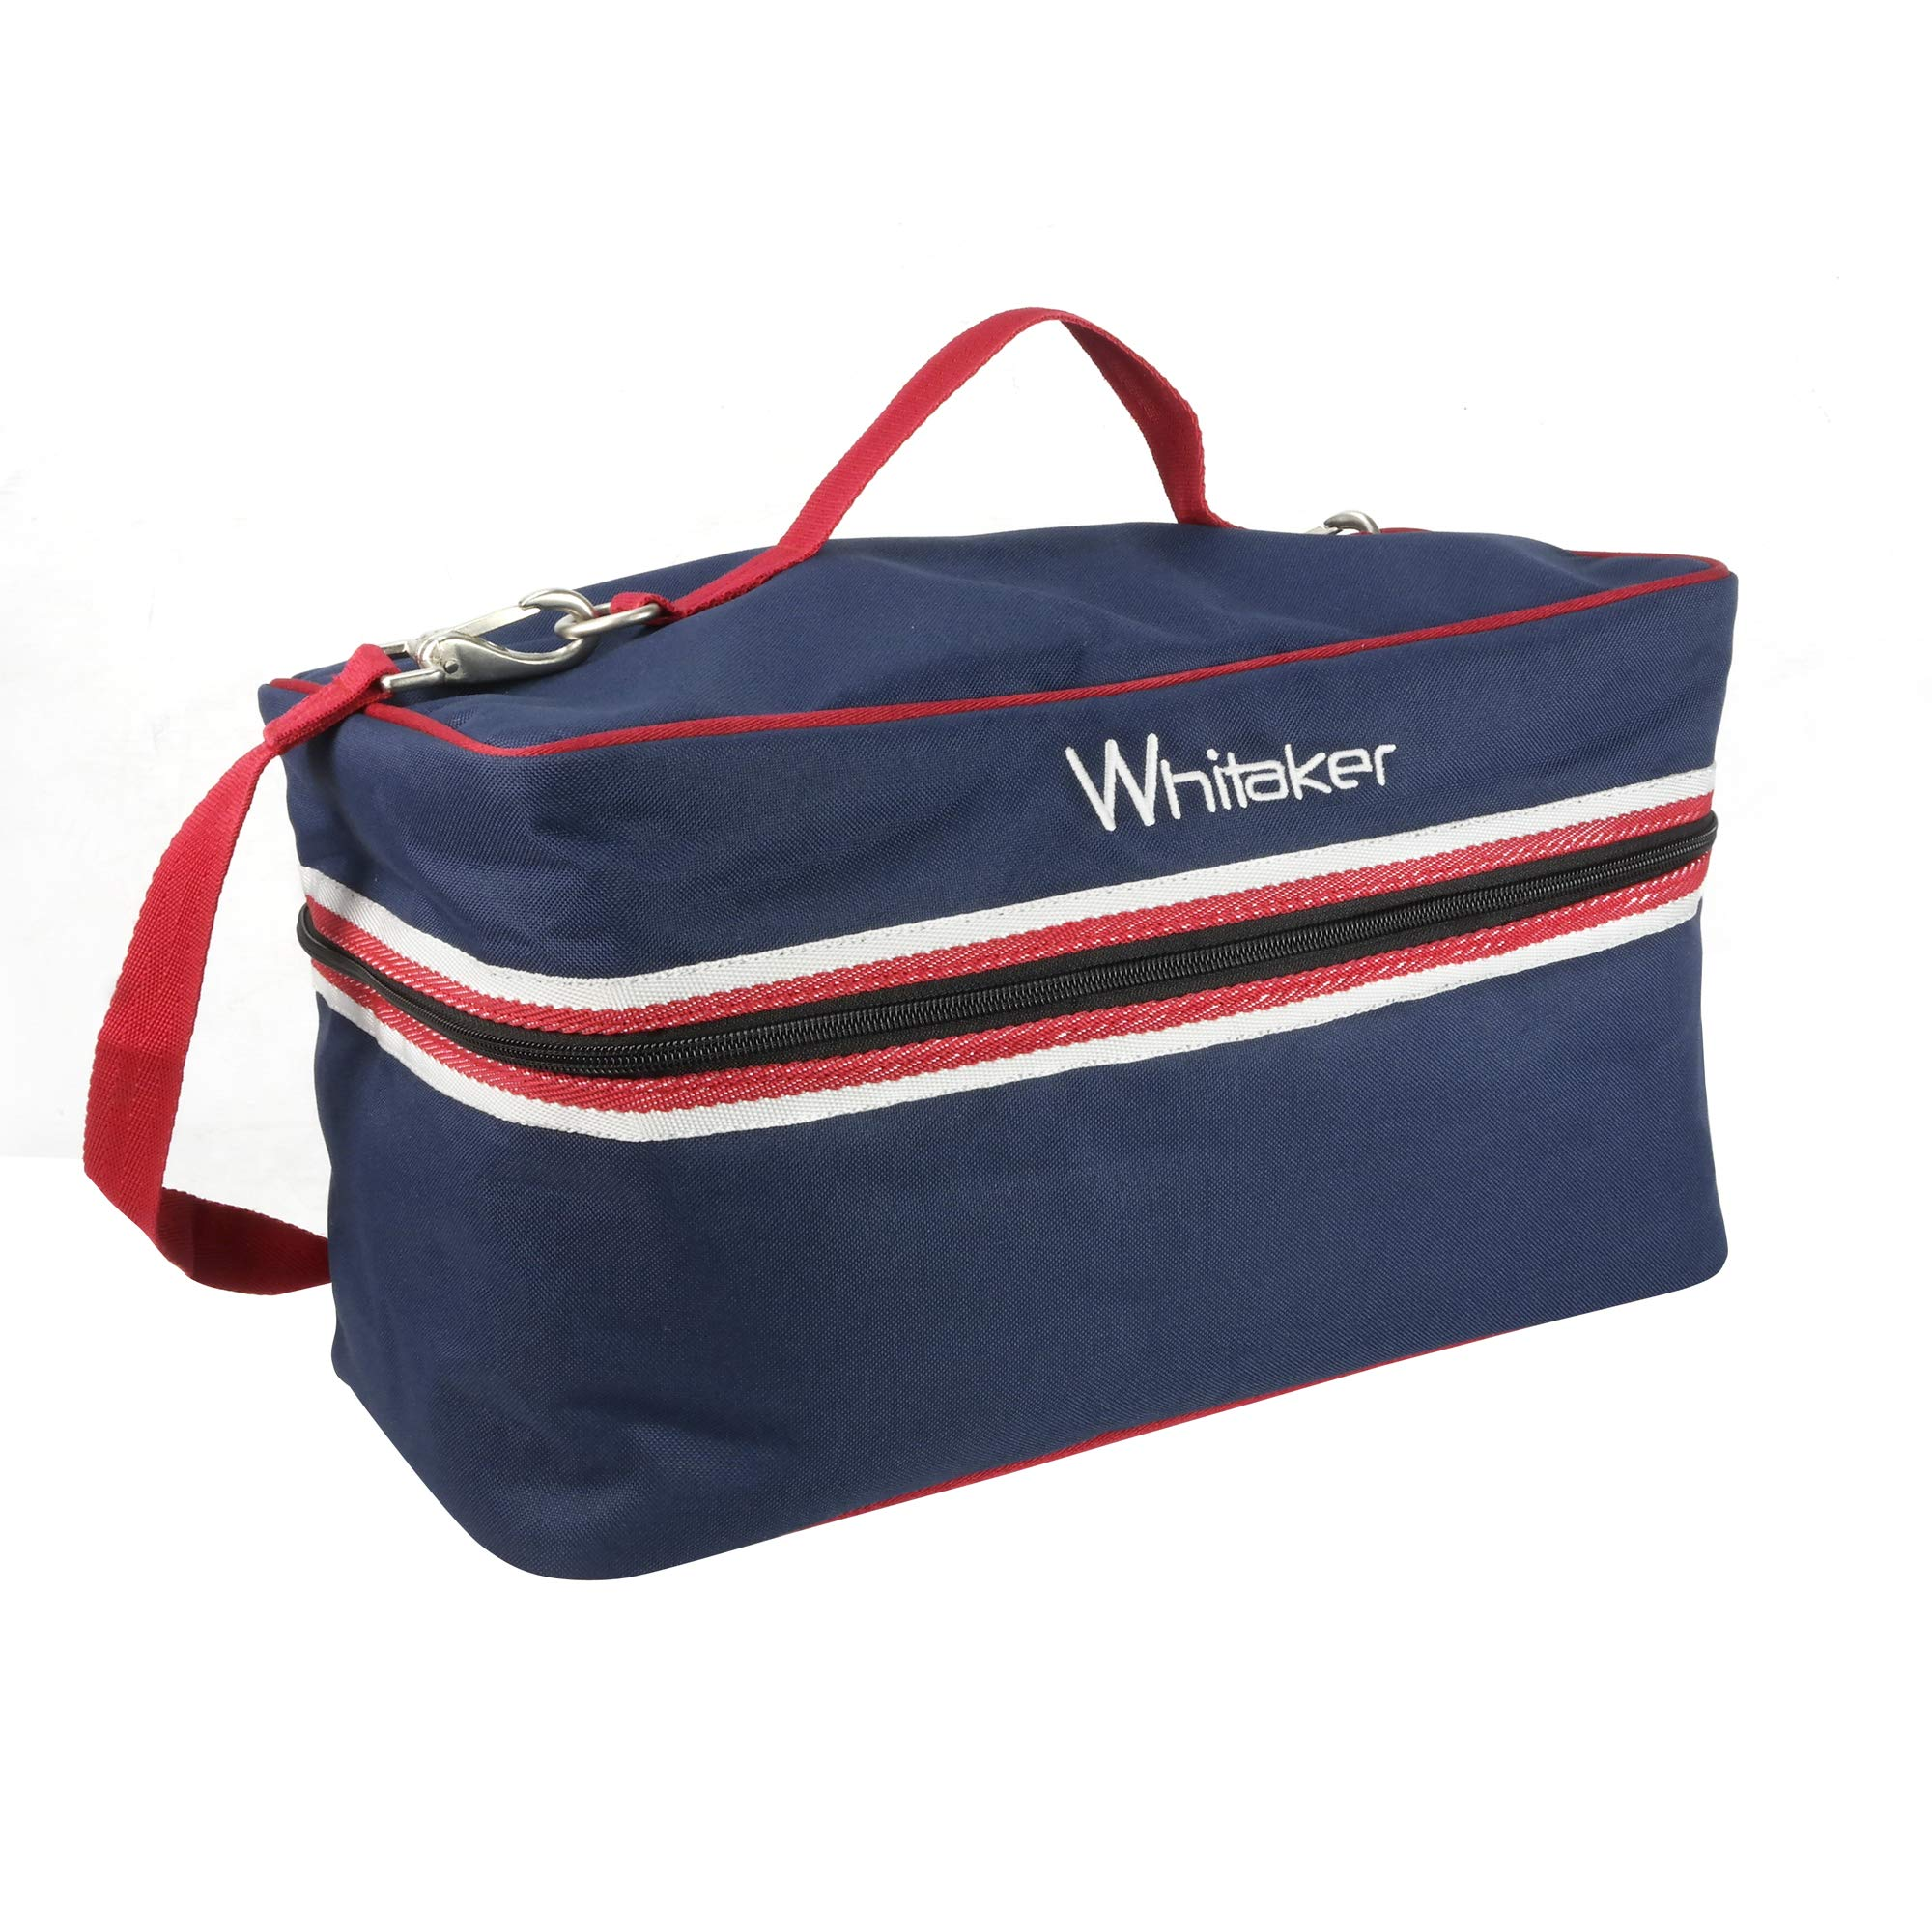 John Whittaker kettewell Aseo bag-L07503